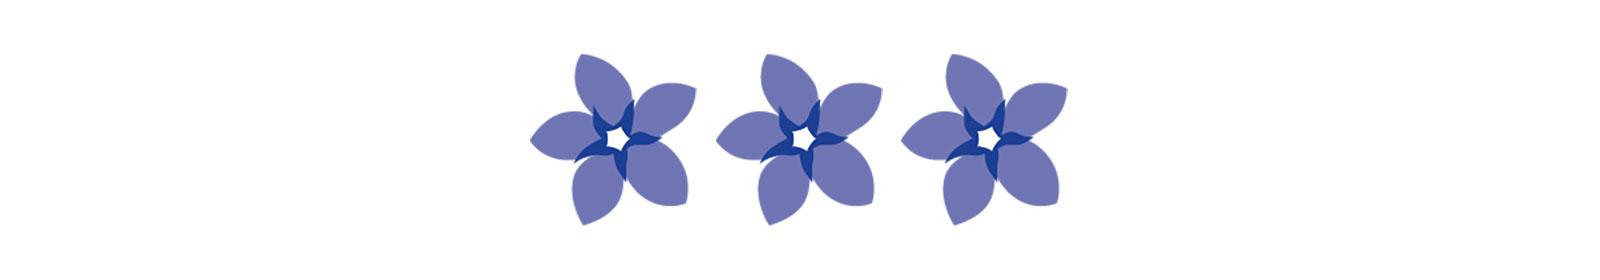 florafamily_flower.jpg